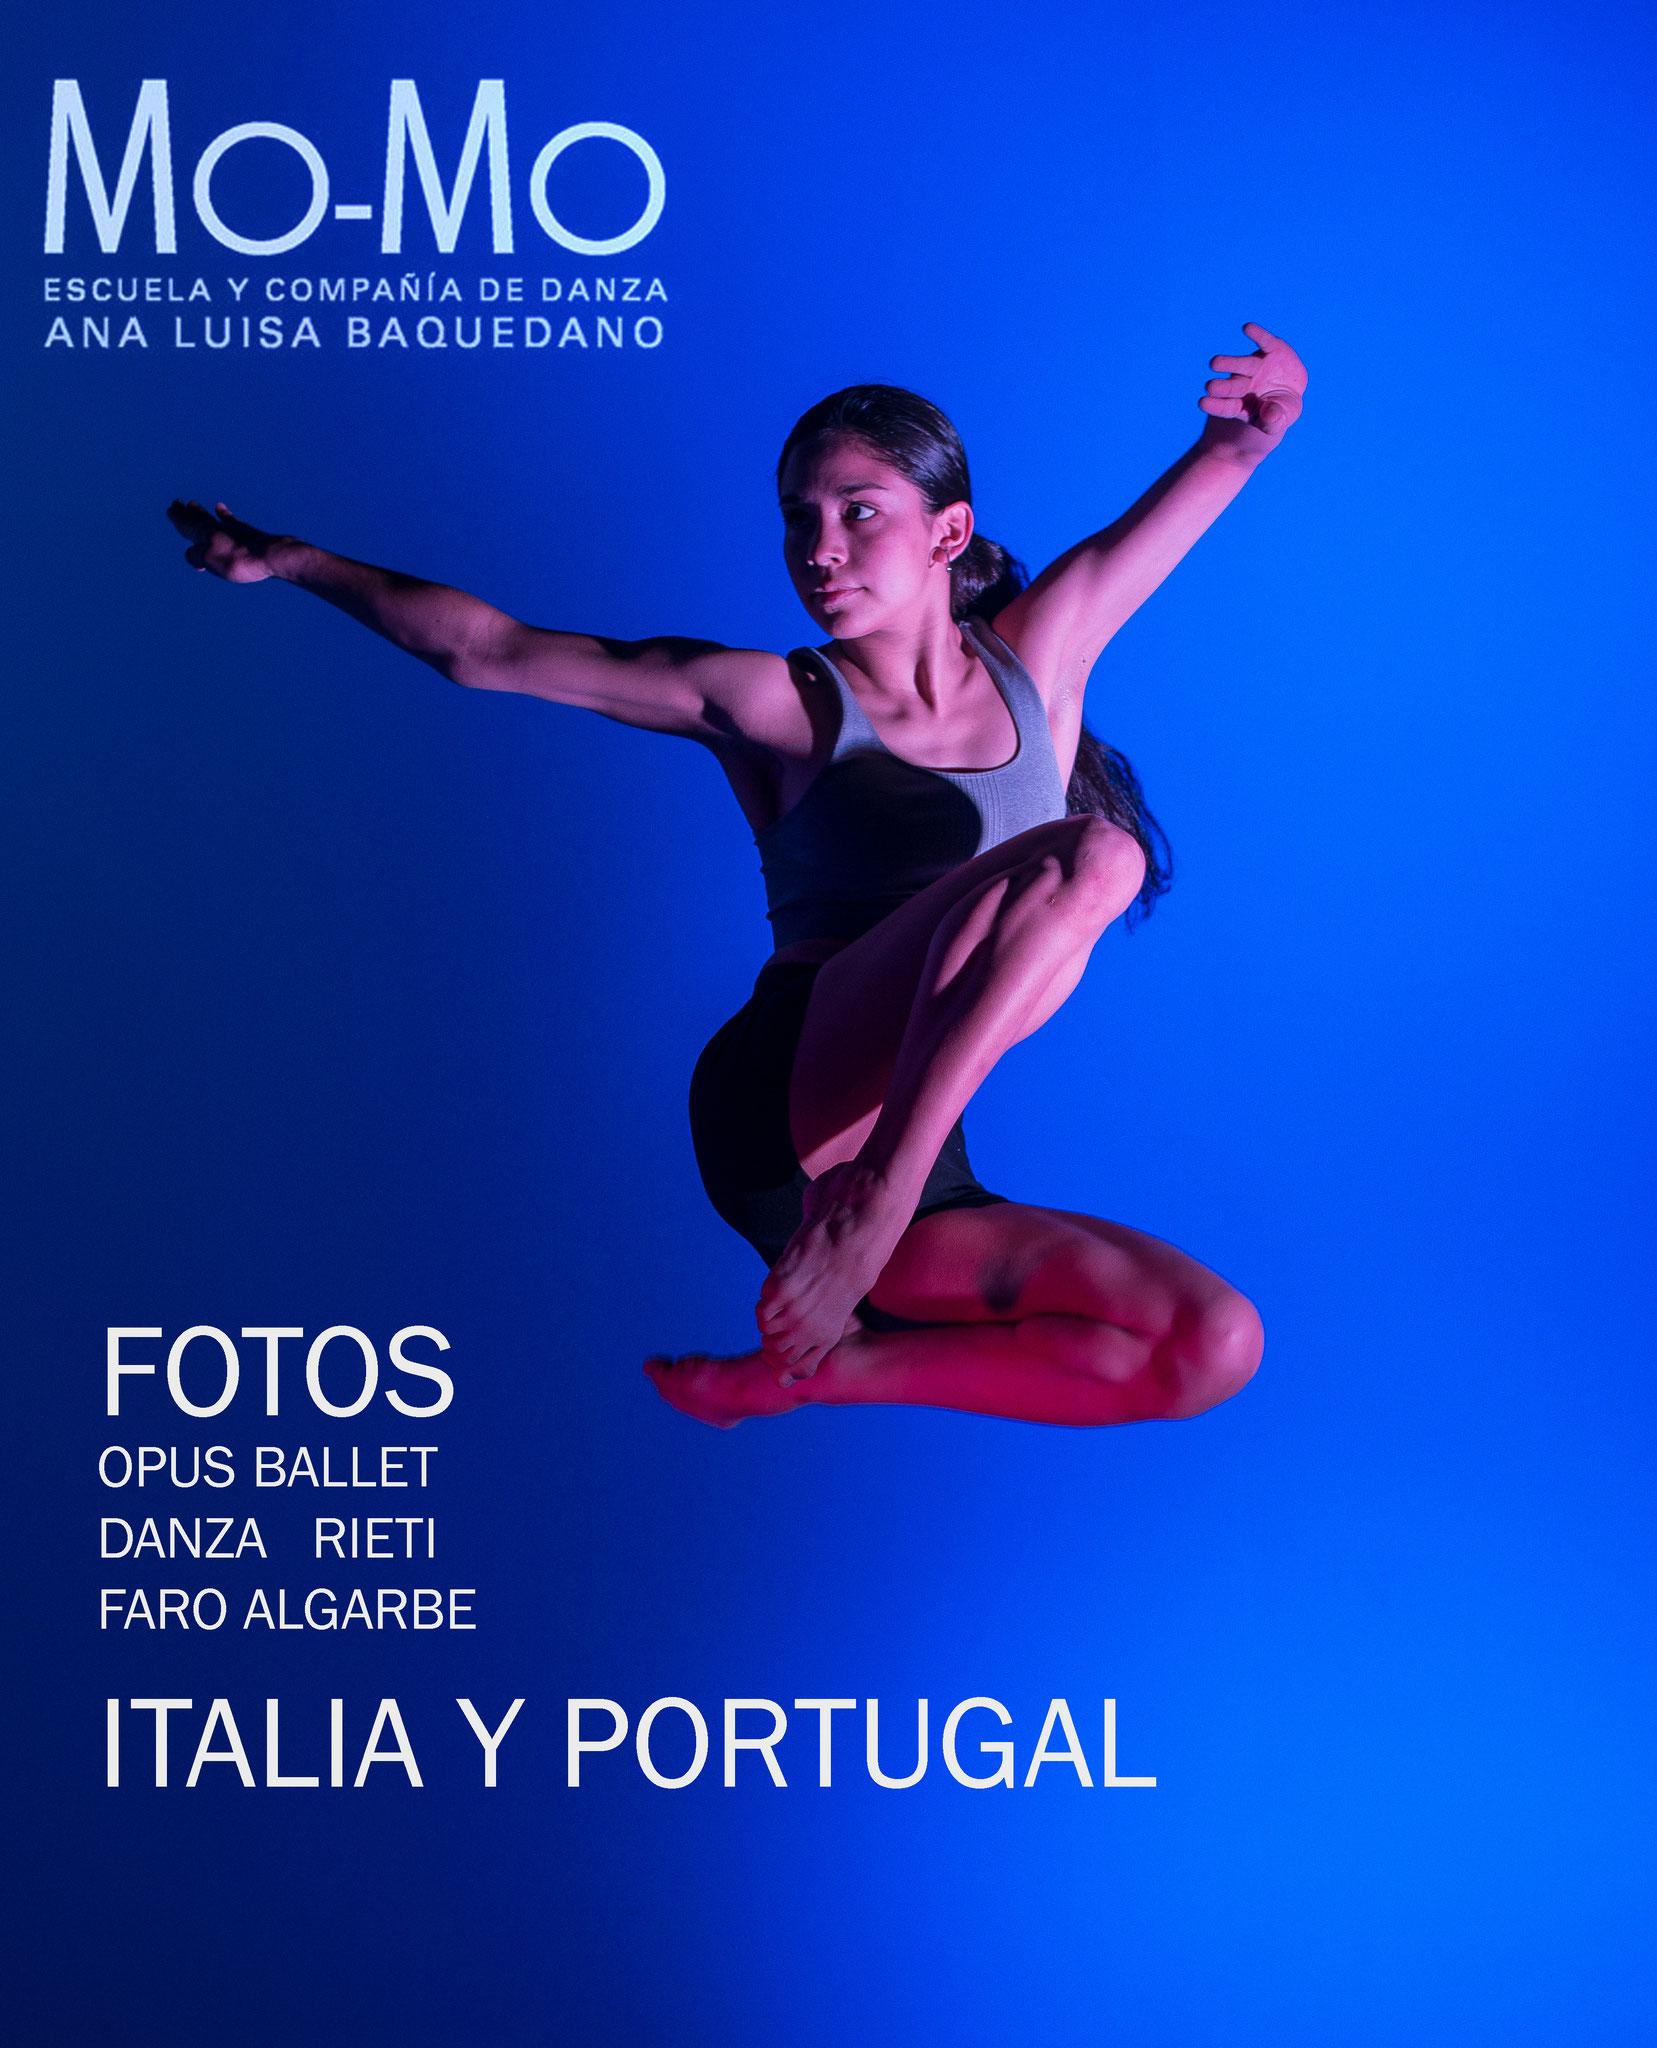 PRESIONA IMAGEN FOTOS Mo-Mo EUROPA